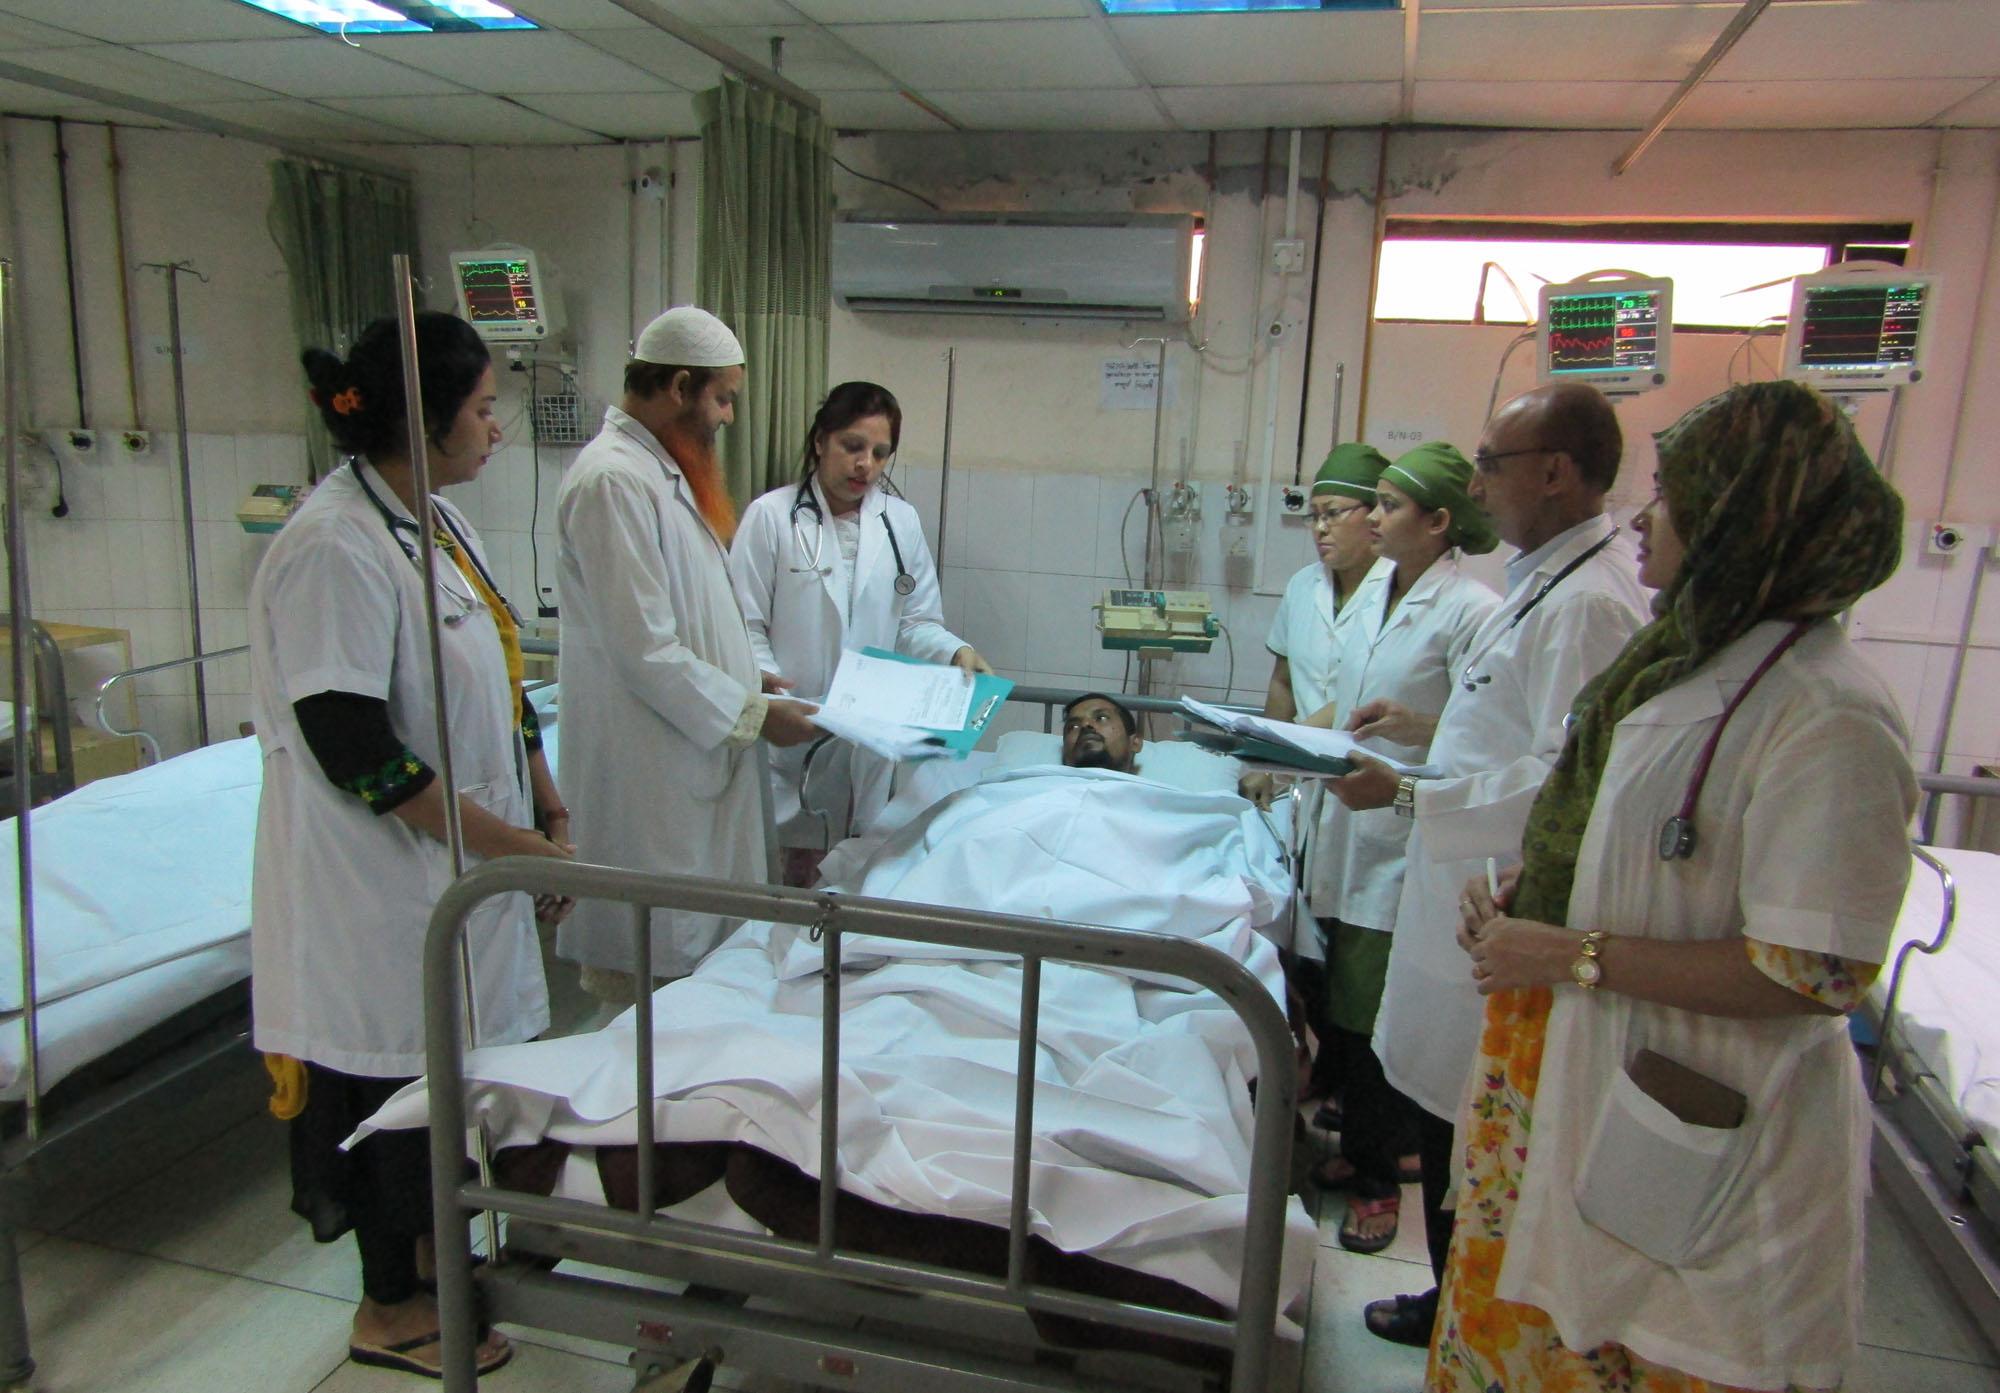 Intensive Care Unit (ICU)